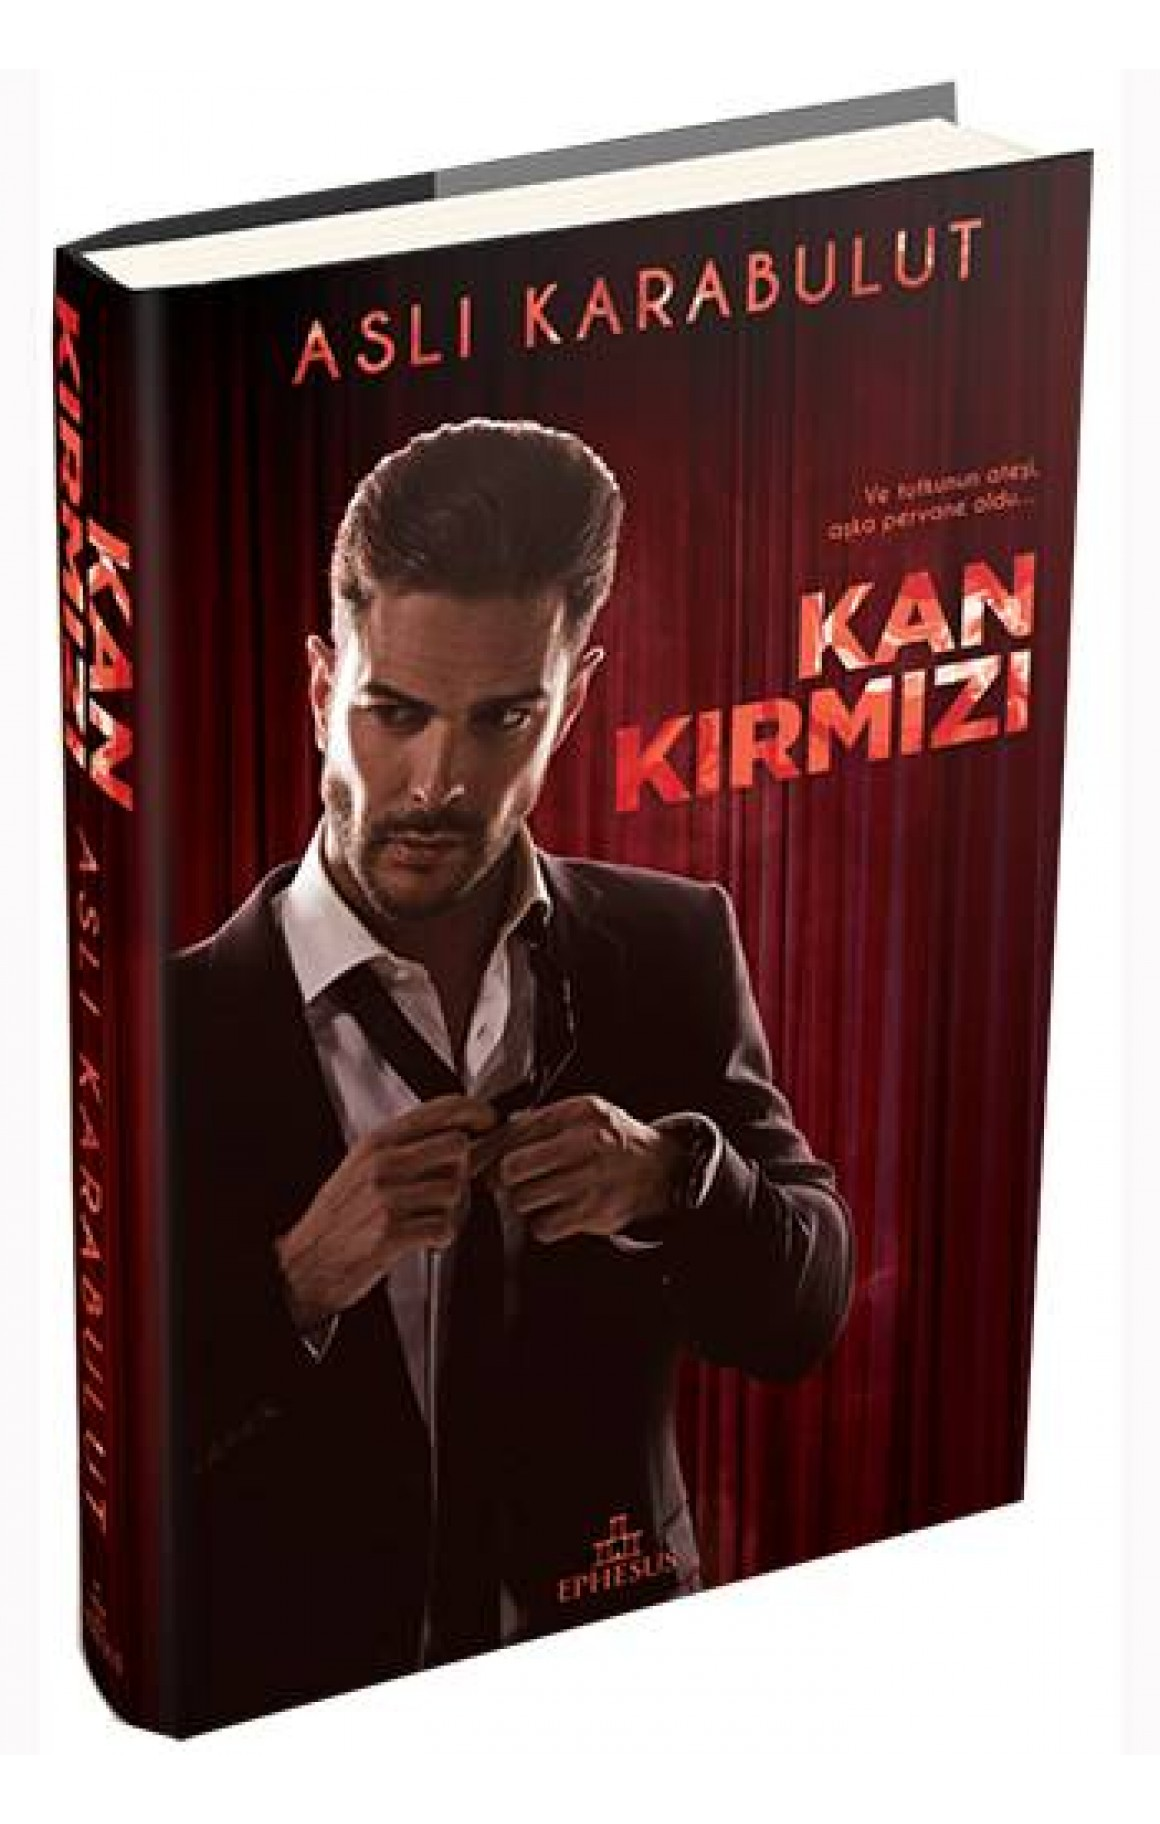 Kan Kirmizi